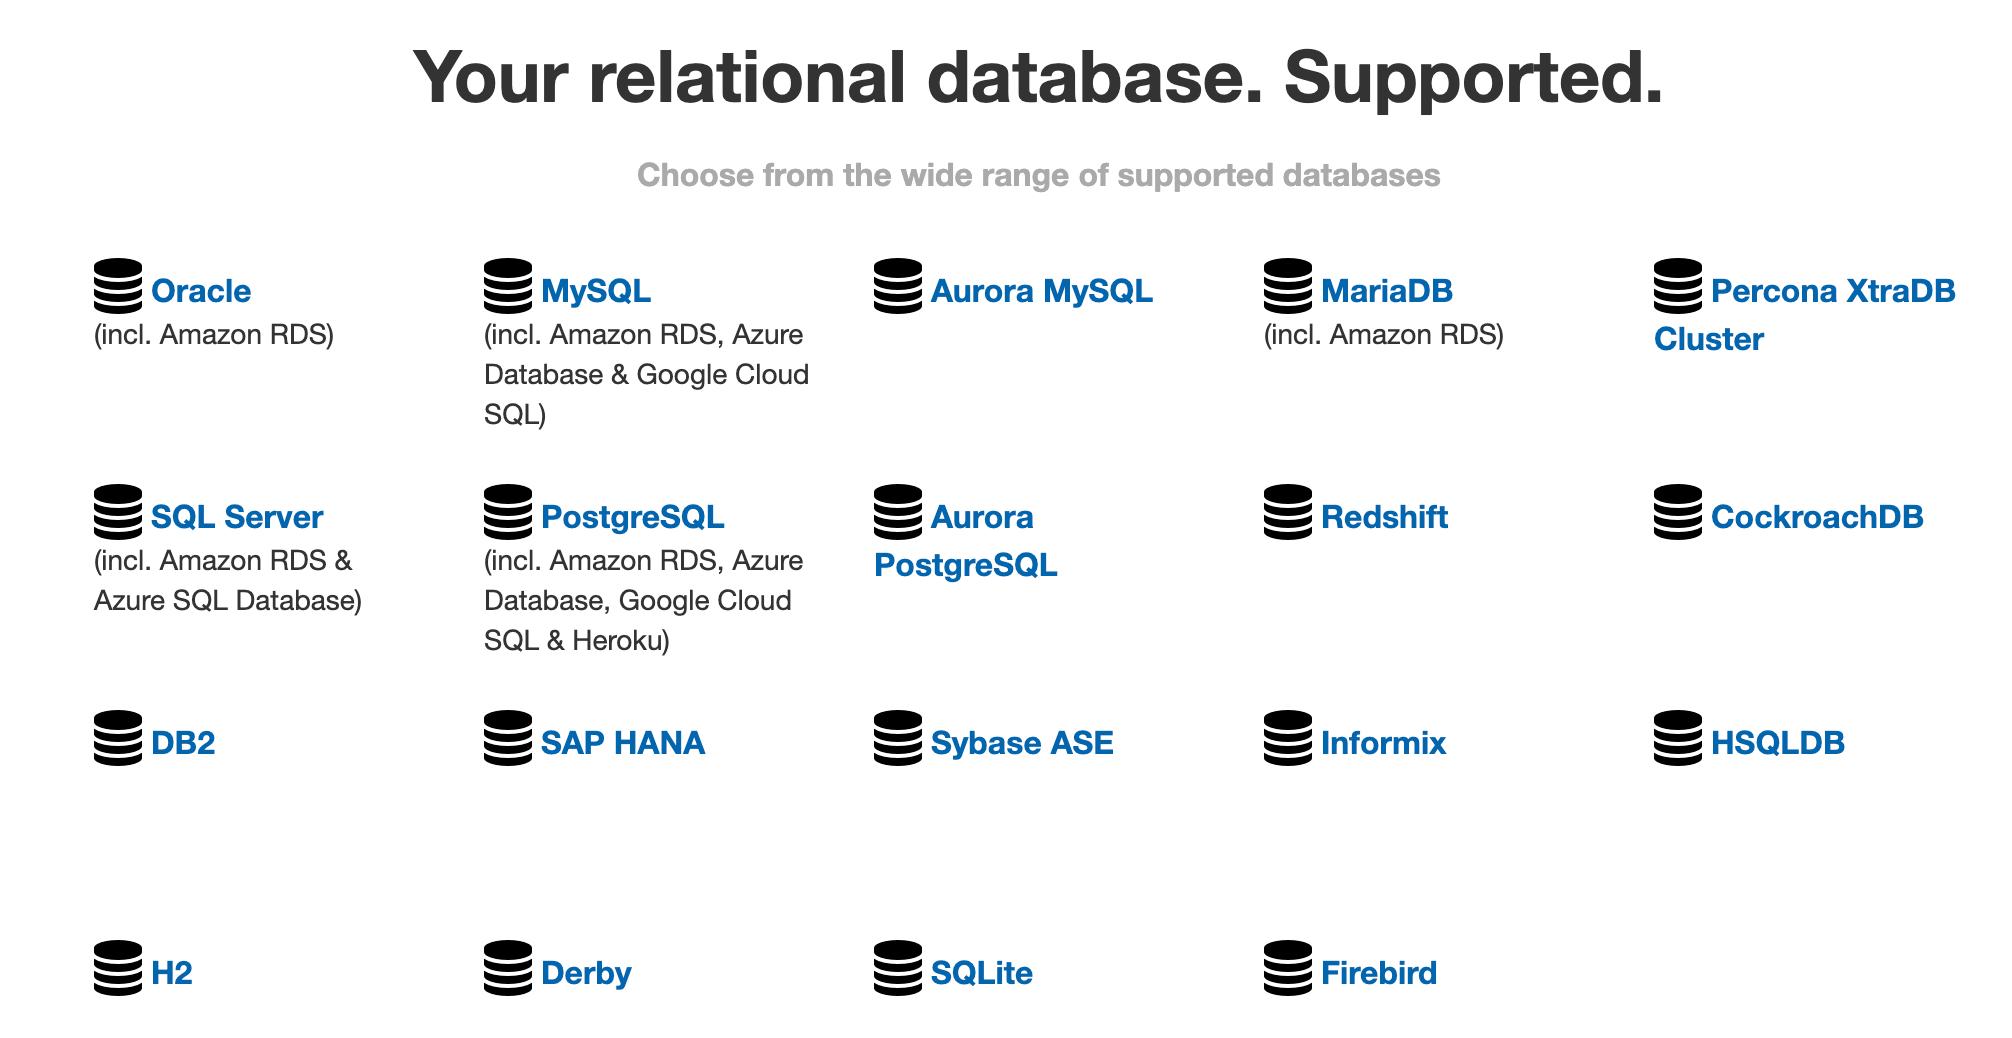 支持的数据库